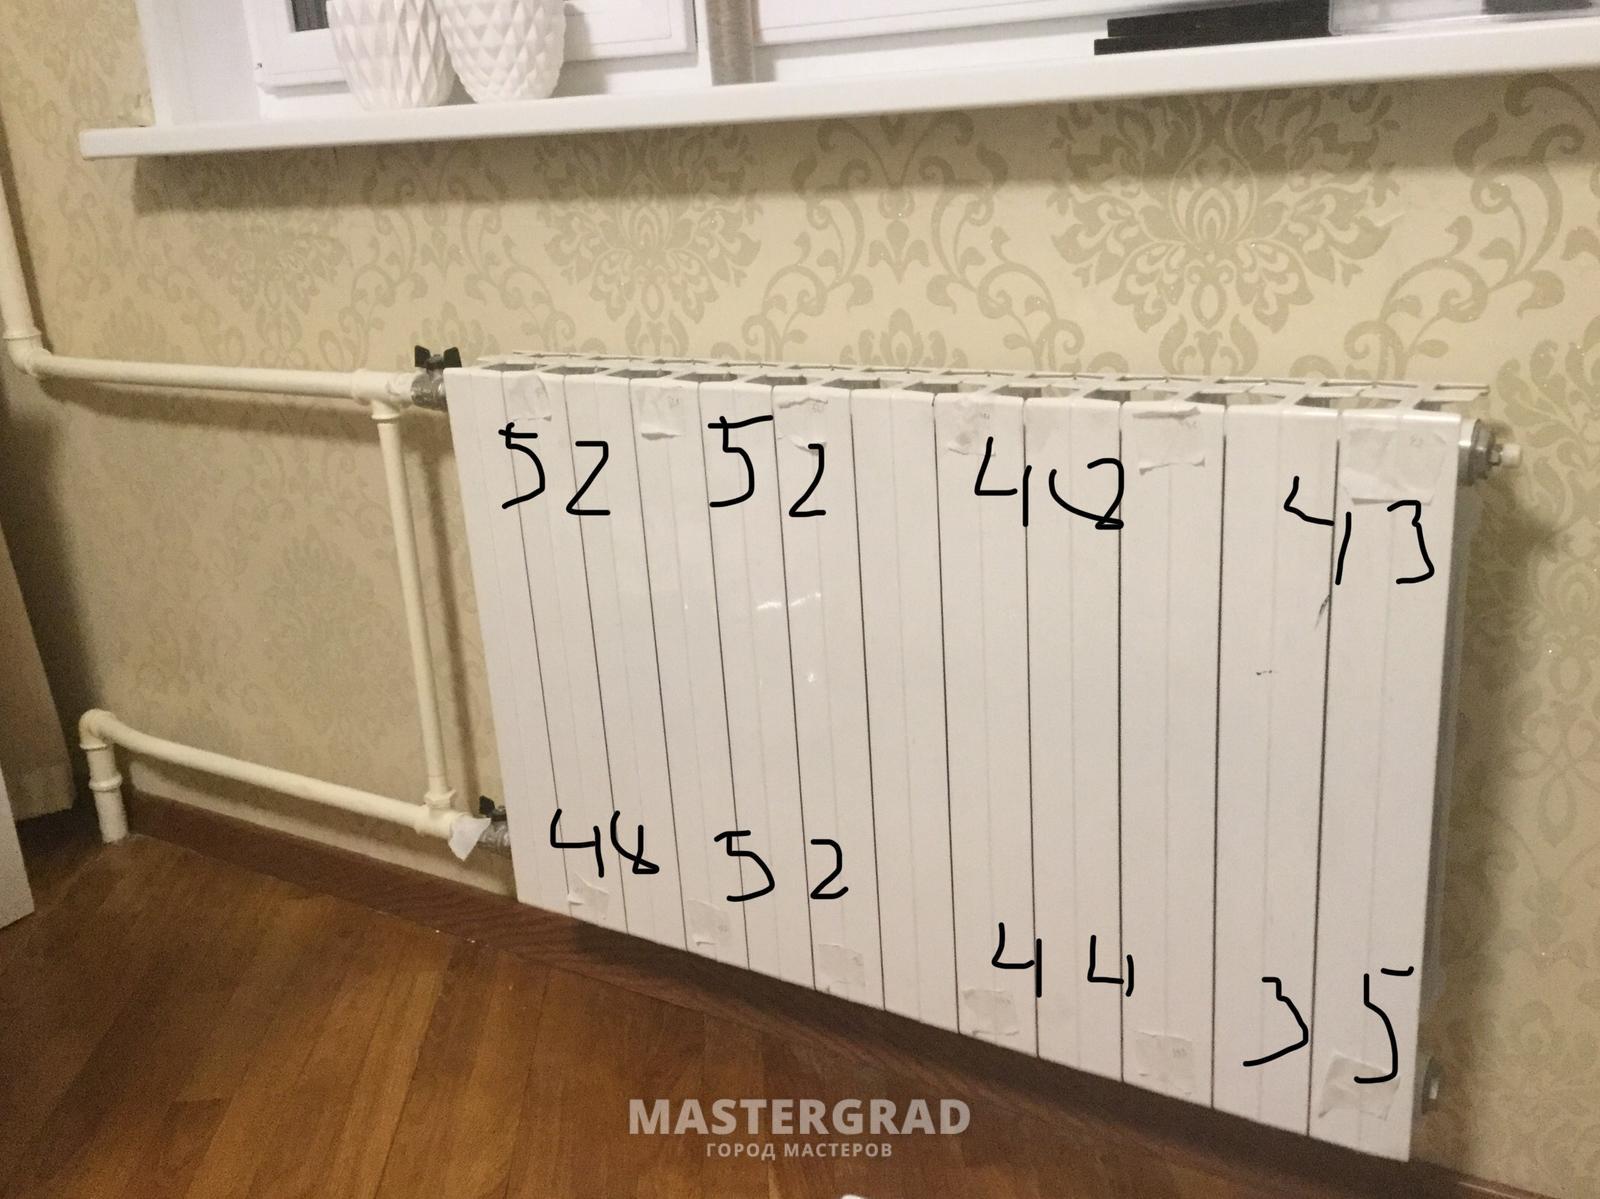 Радиаторы, водонагреватели, полотенцесушители, теплые полы, фильтры, теплостиль.ру